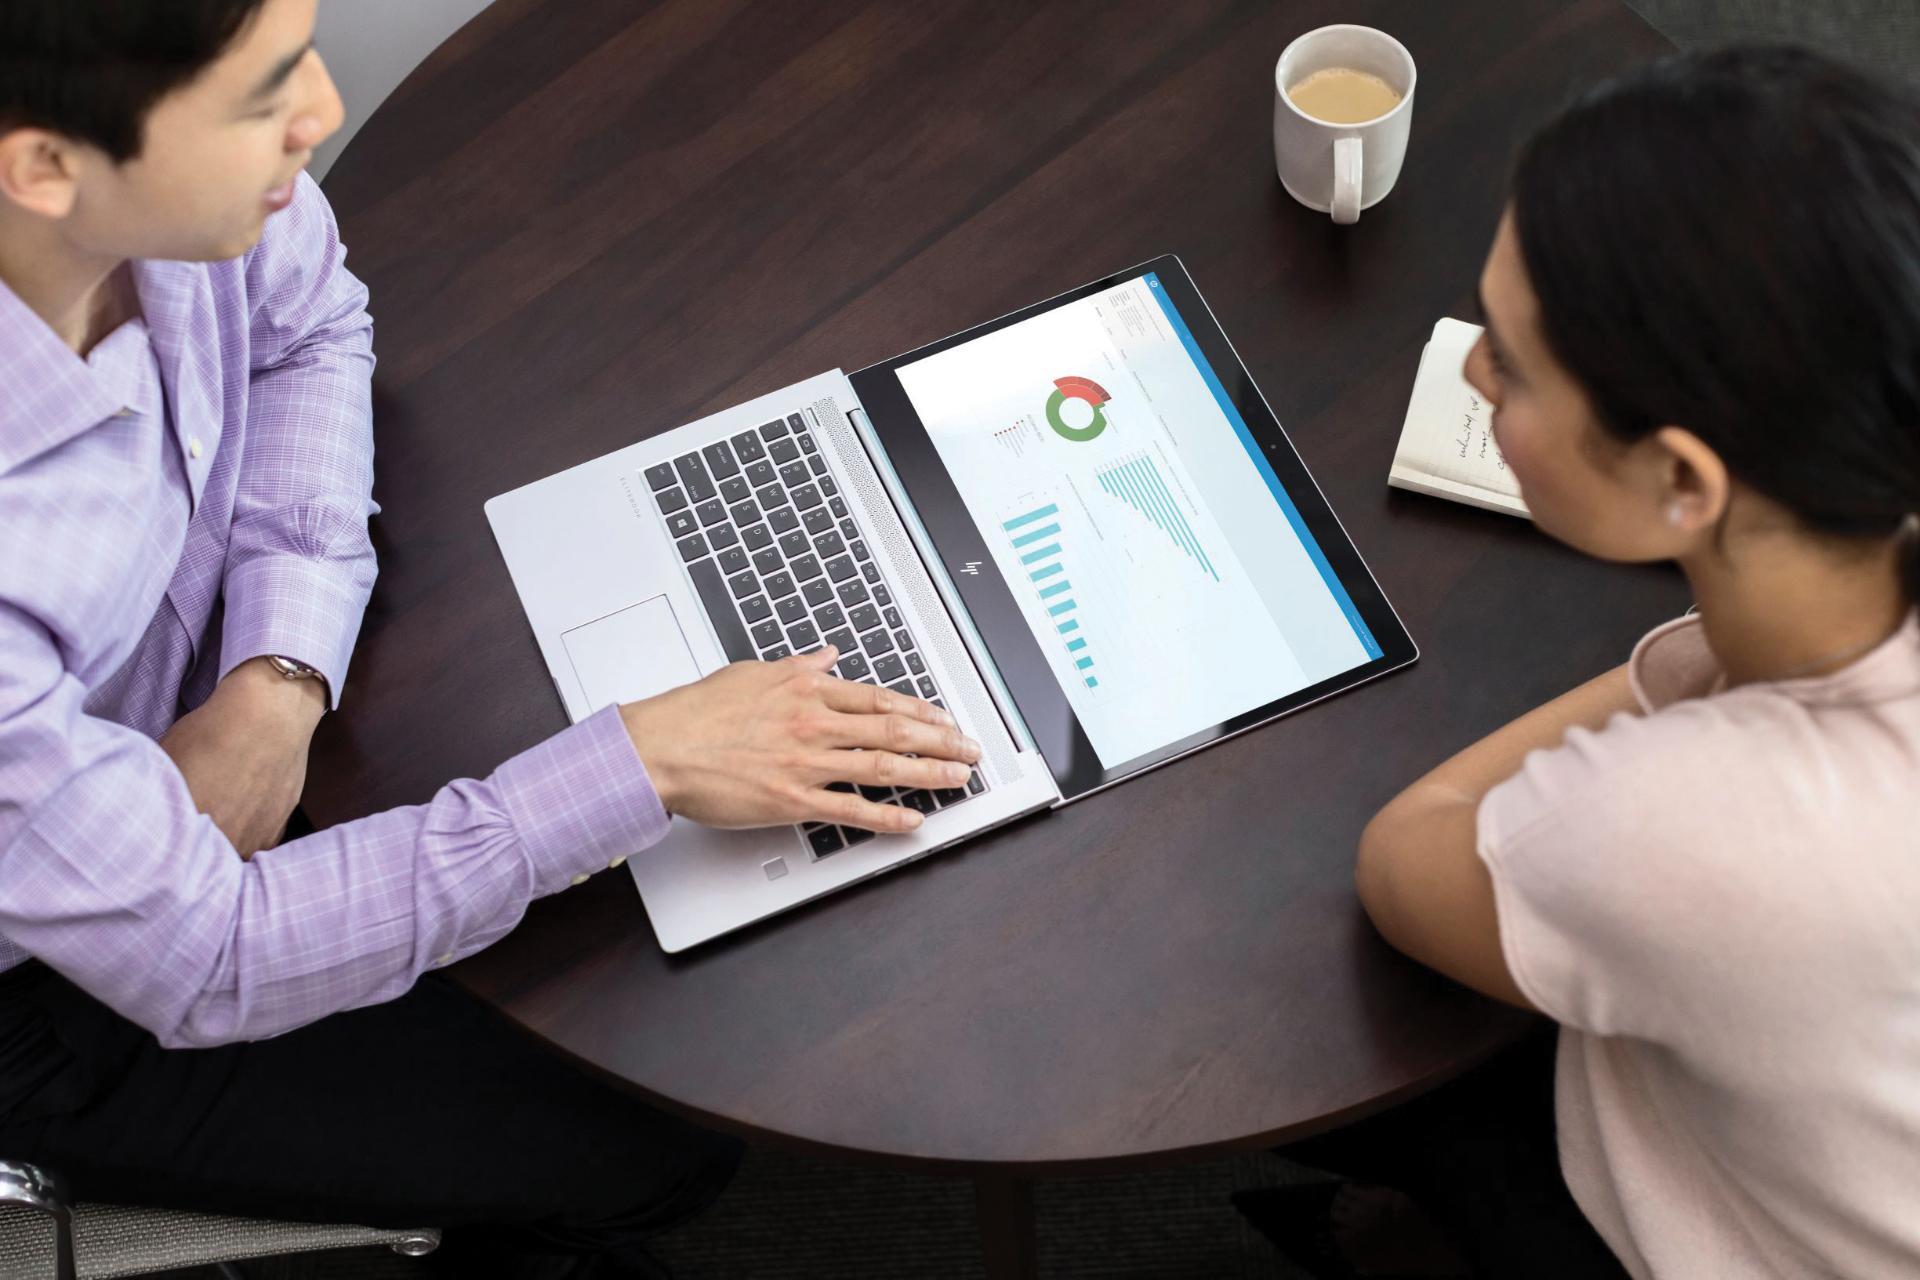 HP lansează soluții inovatoare în materie de securitate pentru PC-uri